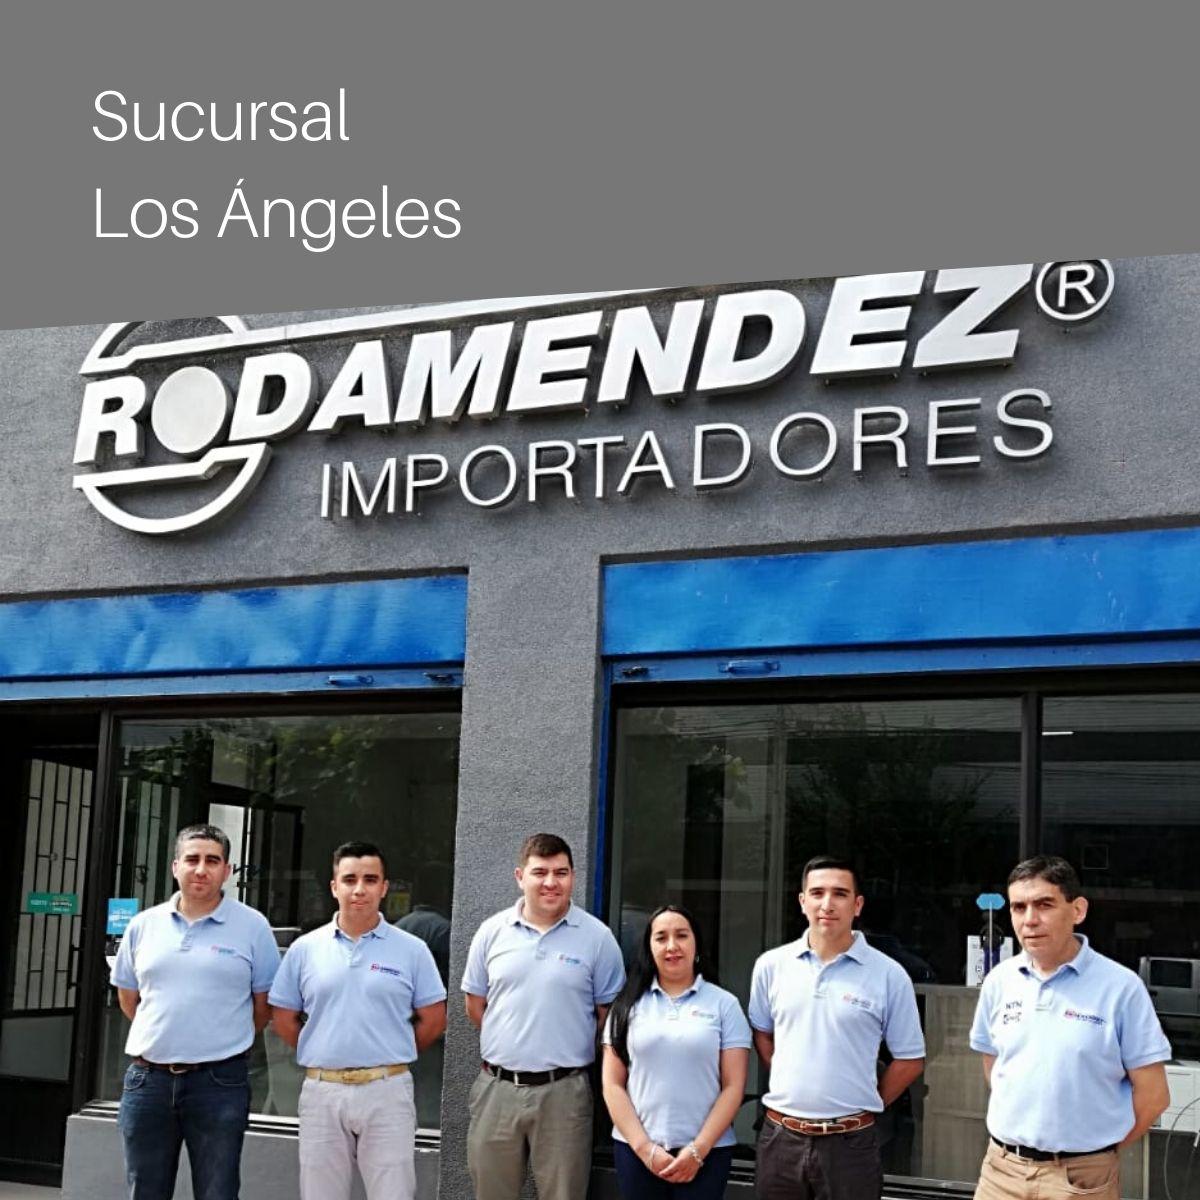 Rodamendez